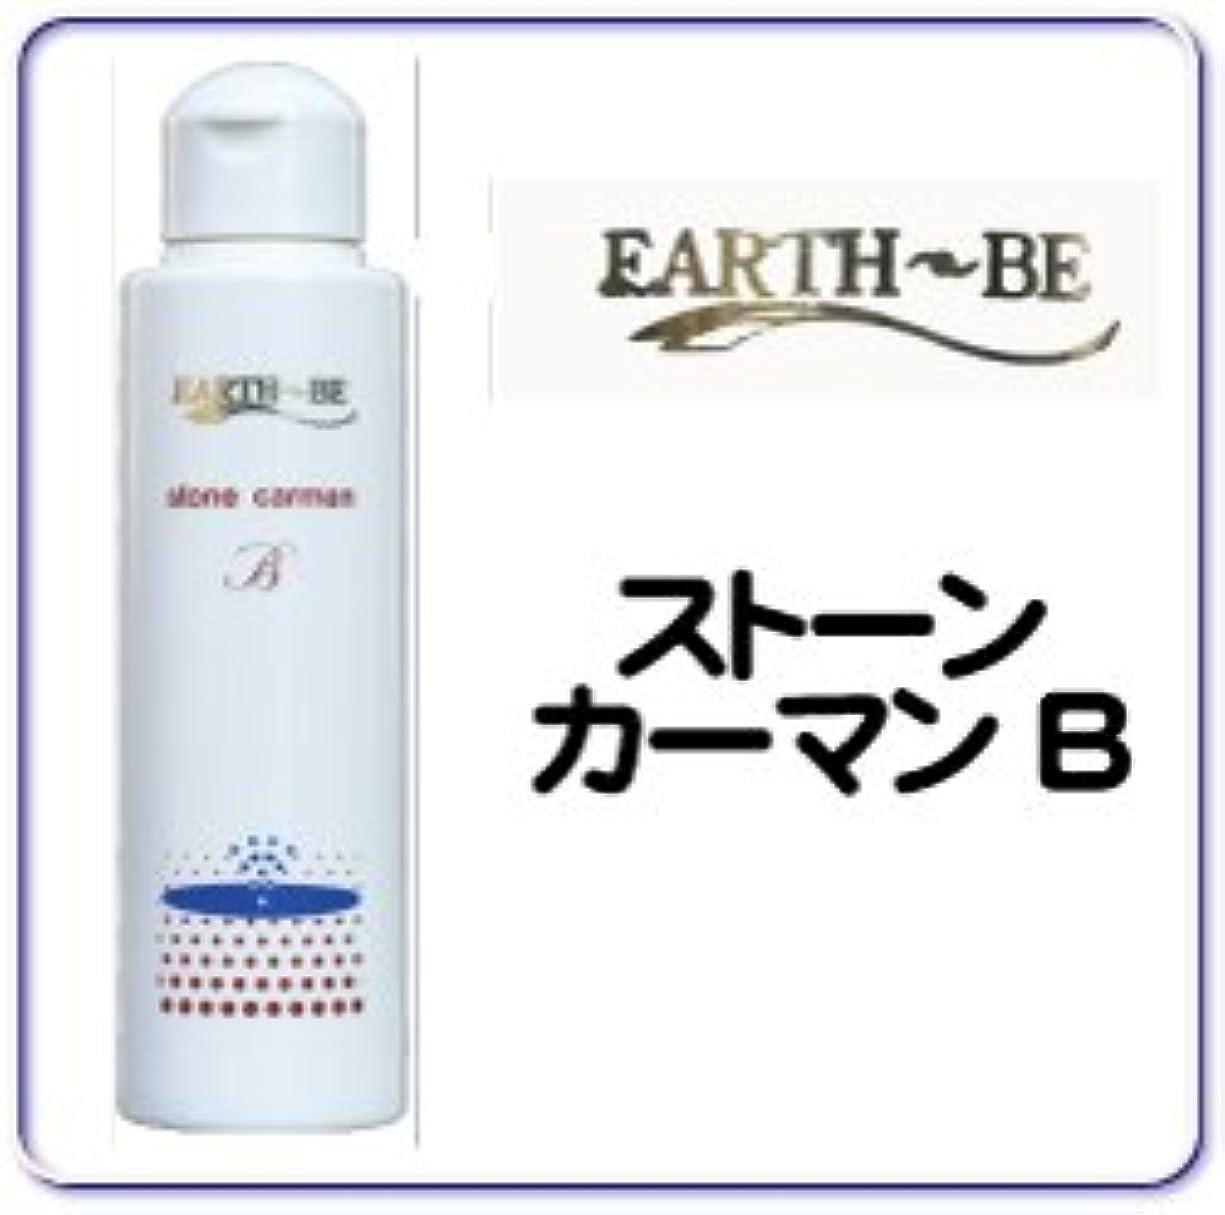 シルエット次へ作曲するベルマン化粧品 EARTH-Bシリーズ  アースビ ストーン カーマンB  120ml 化粧水